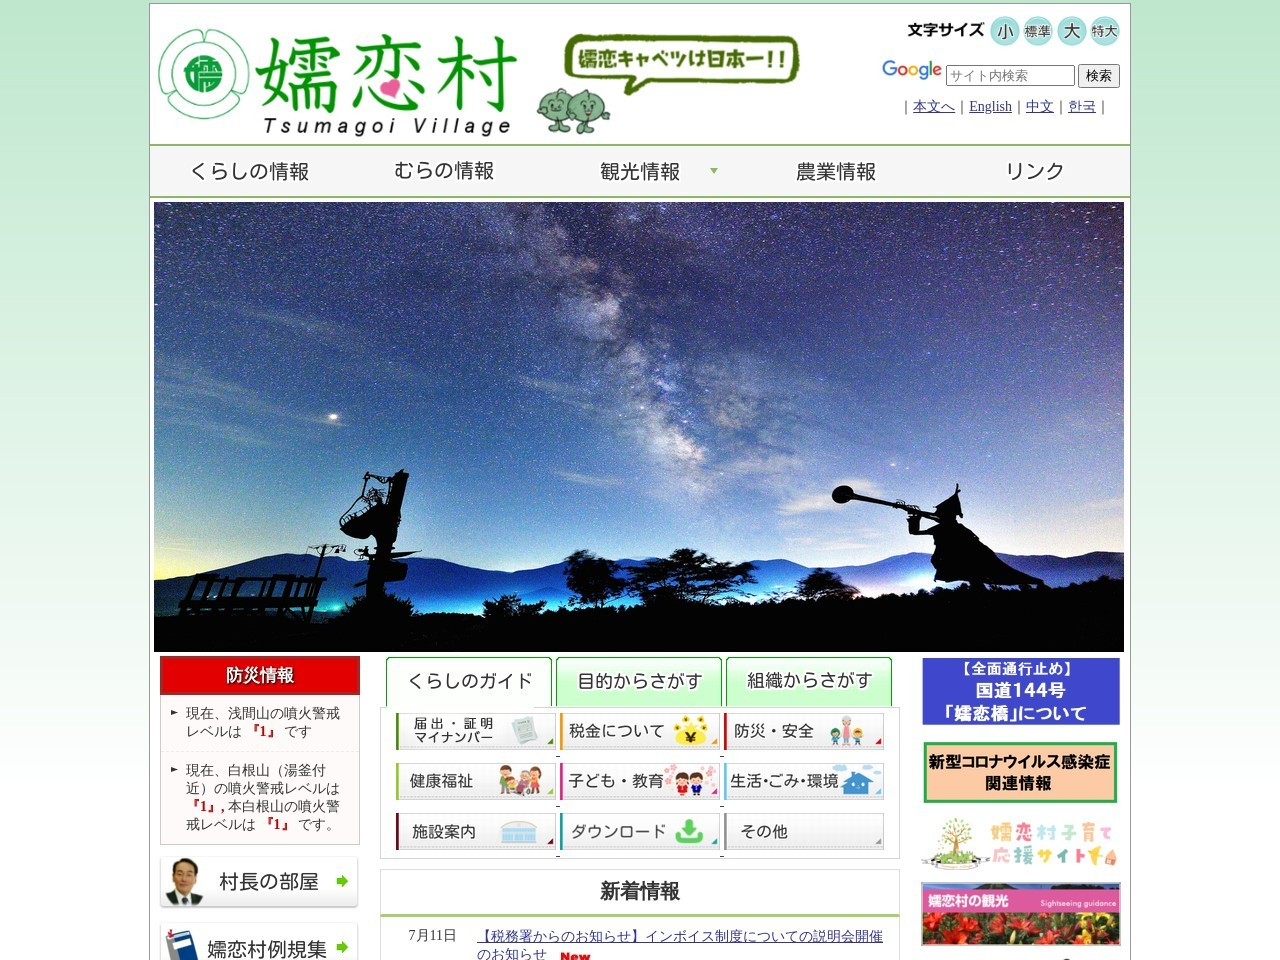 嬬恋村ホームページ